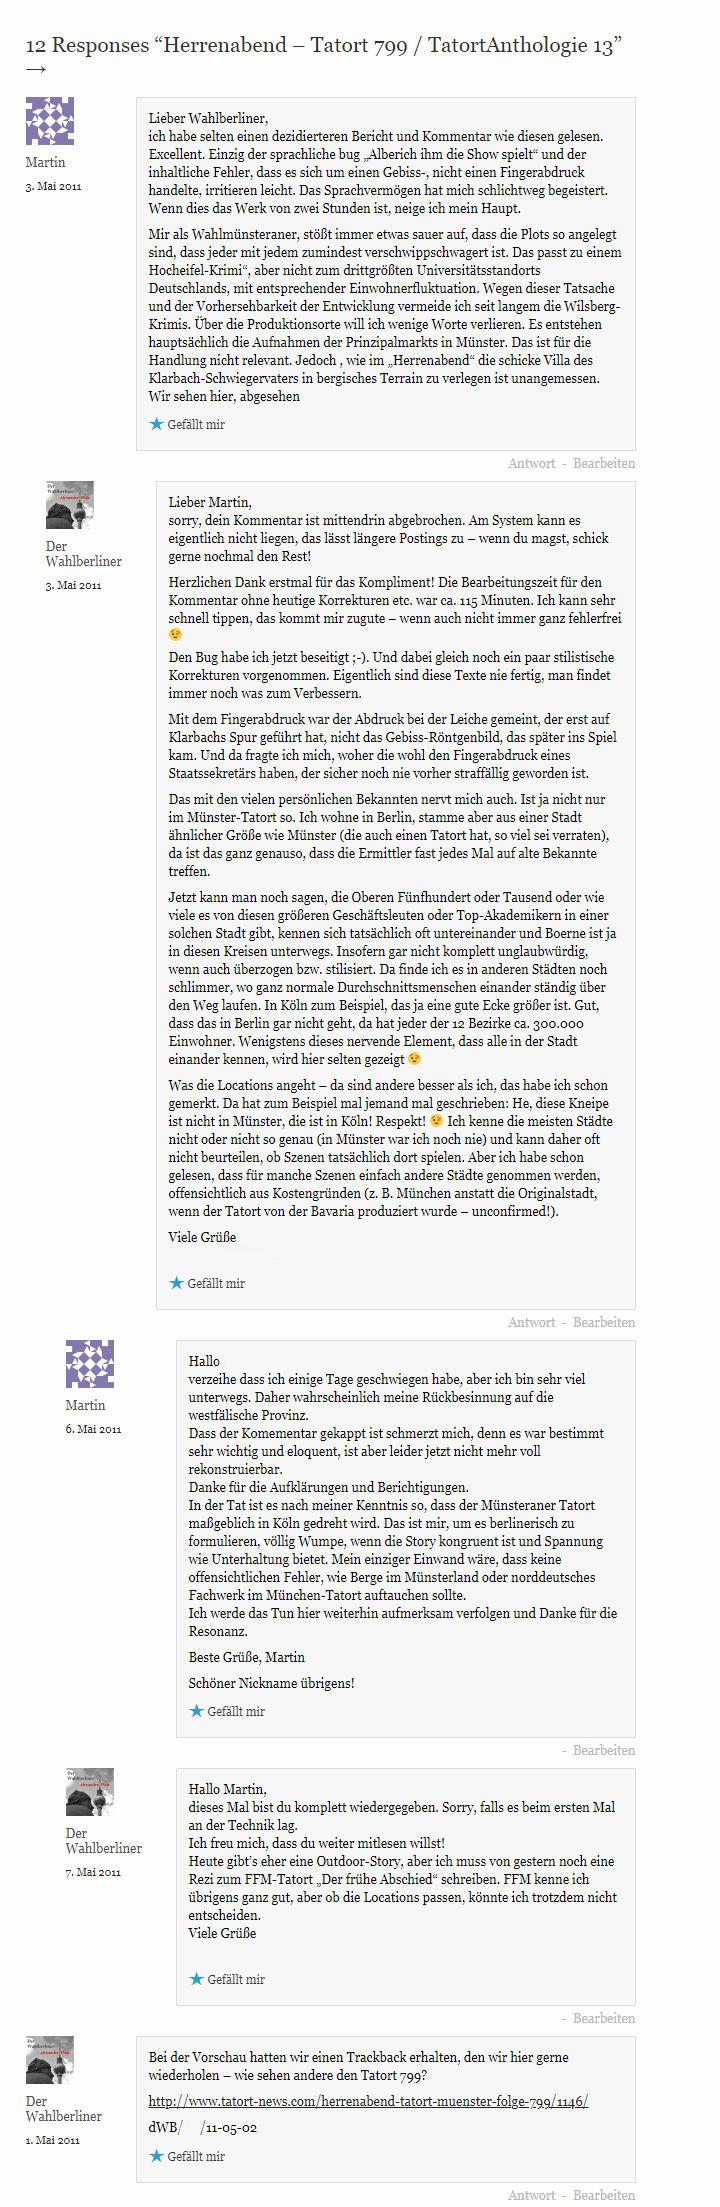 2019-01-30 Tatort 799 Herrenabend Kommentarspalte Ursprungsrezension